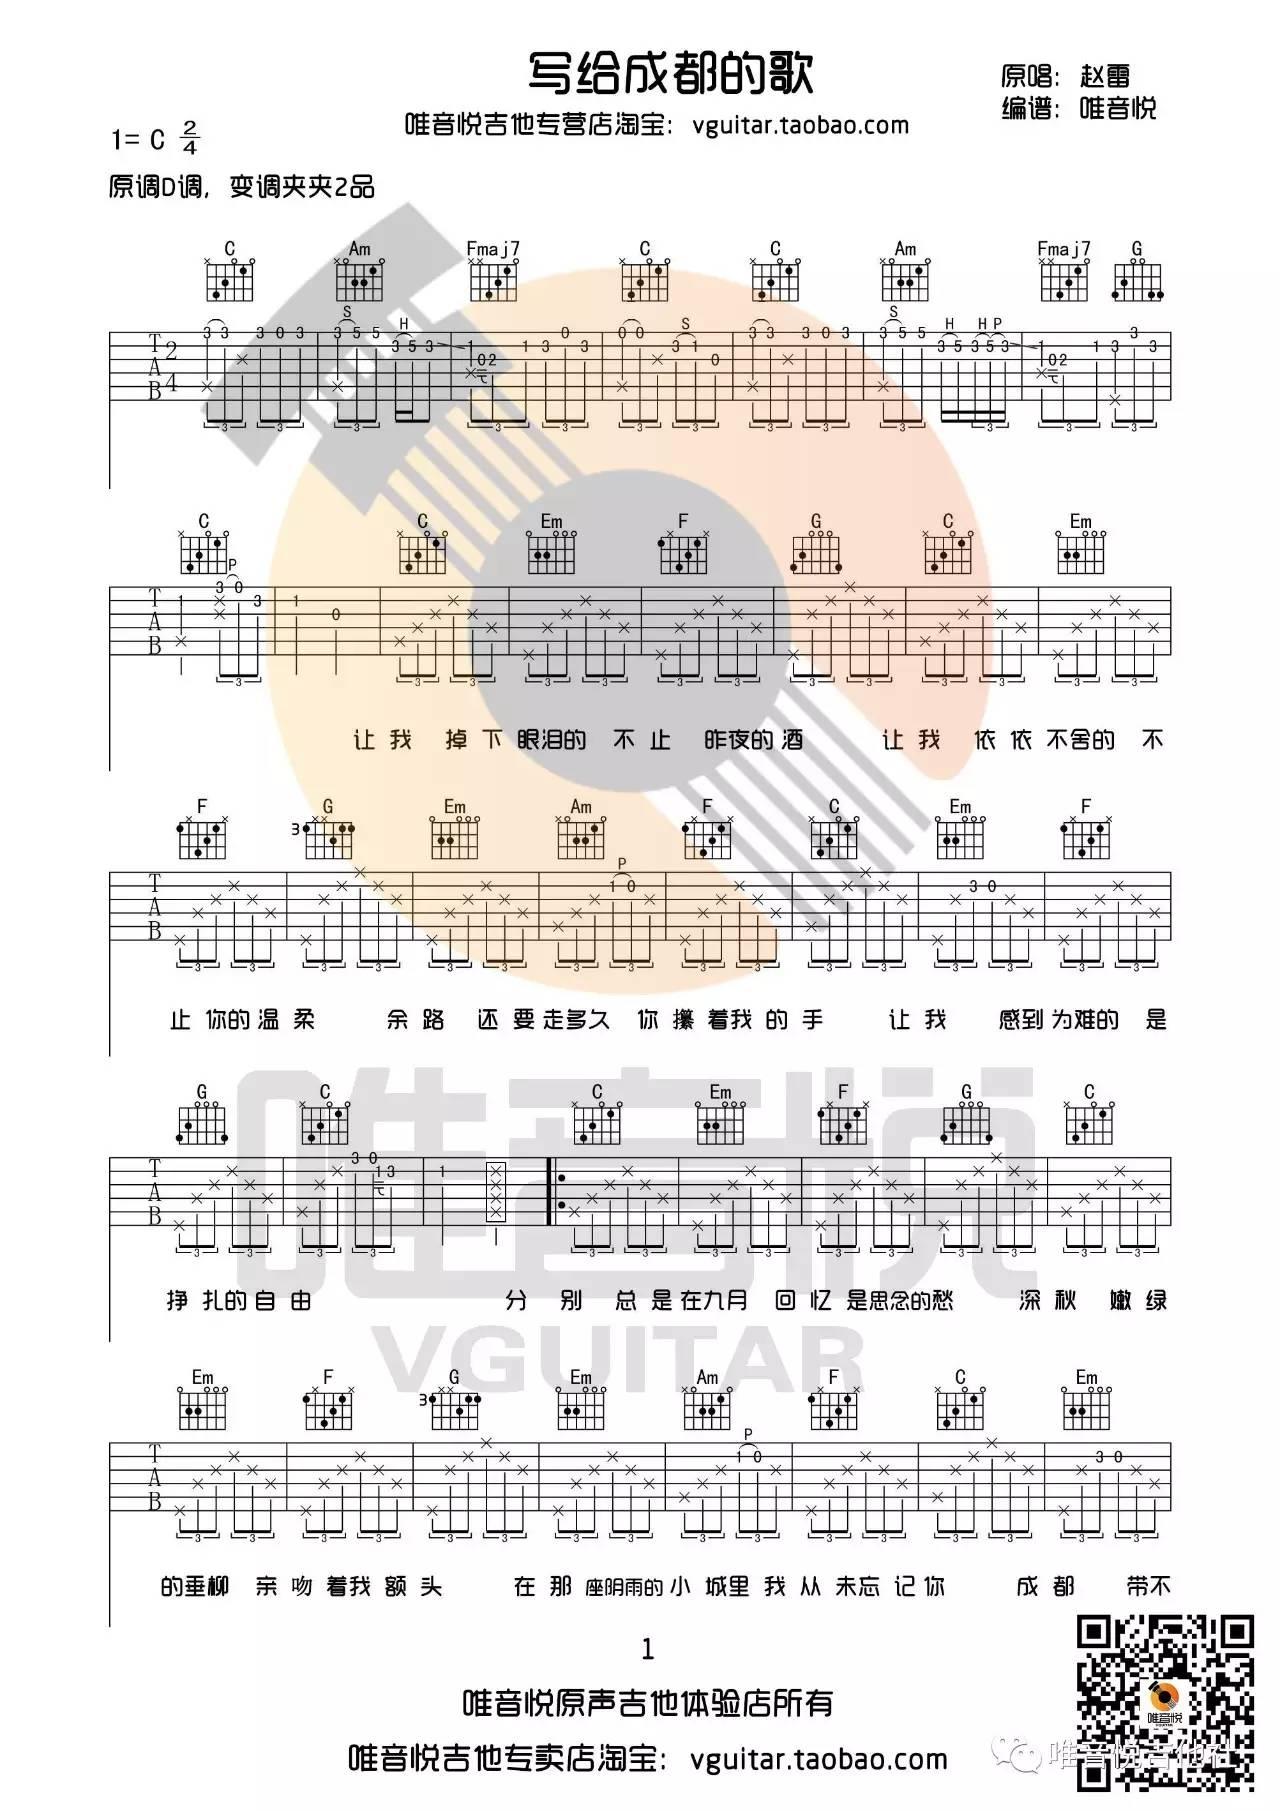 写给成都的歌 赵雷 C调原版吉他谱 有前奏和间奏编配